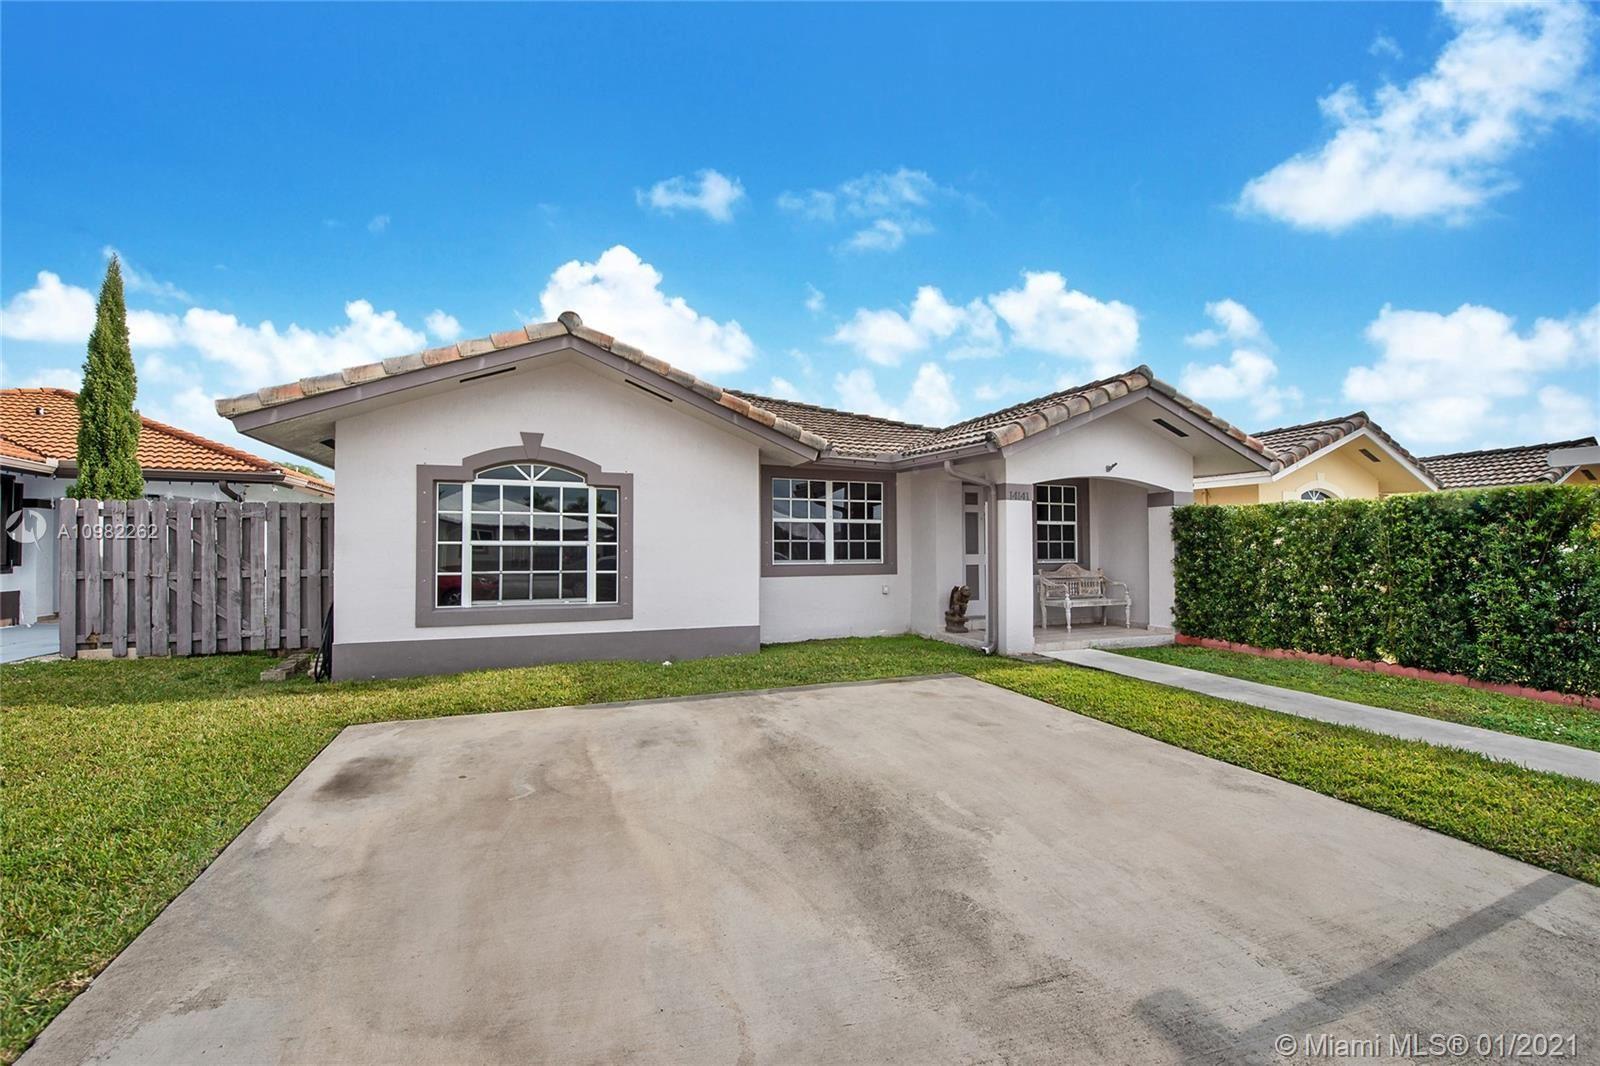 14141 SW 147th Ct, Miami, FL 33196 - #: A10982262